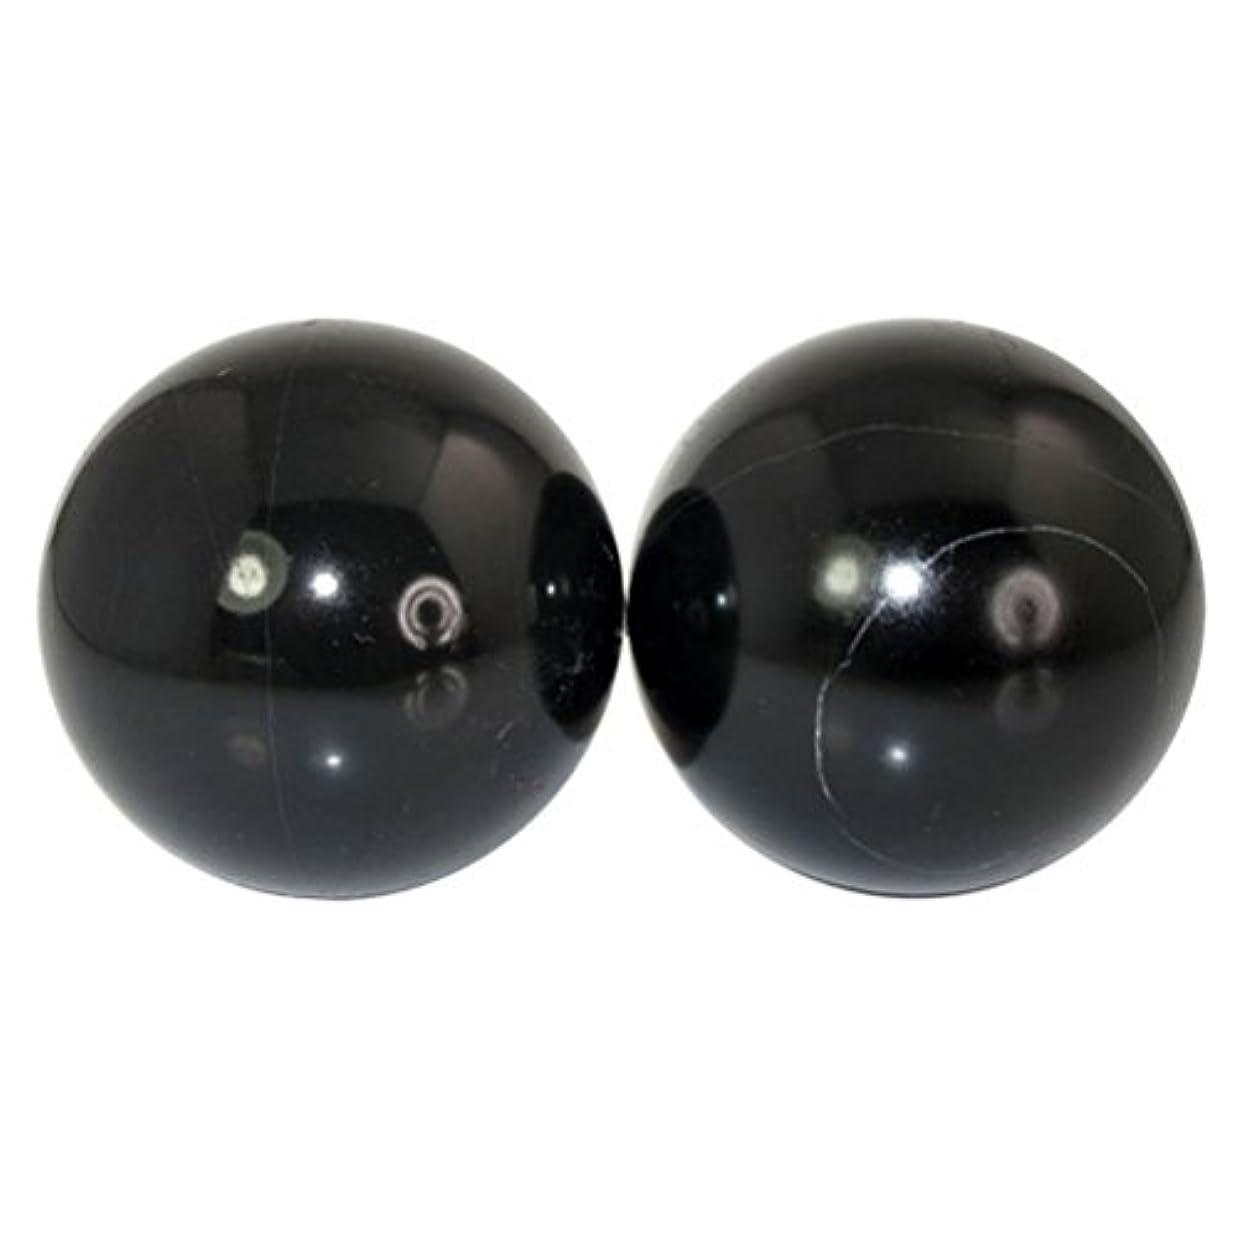 ROSENICE 2本の天然石マッサージボール瞑想フィットネスハンドエクササイズヒーリングボール(手治療用)ストレスレリーフ(黒)